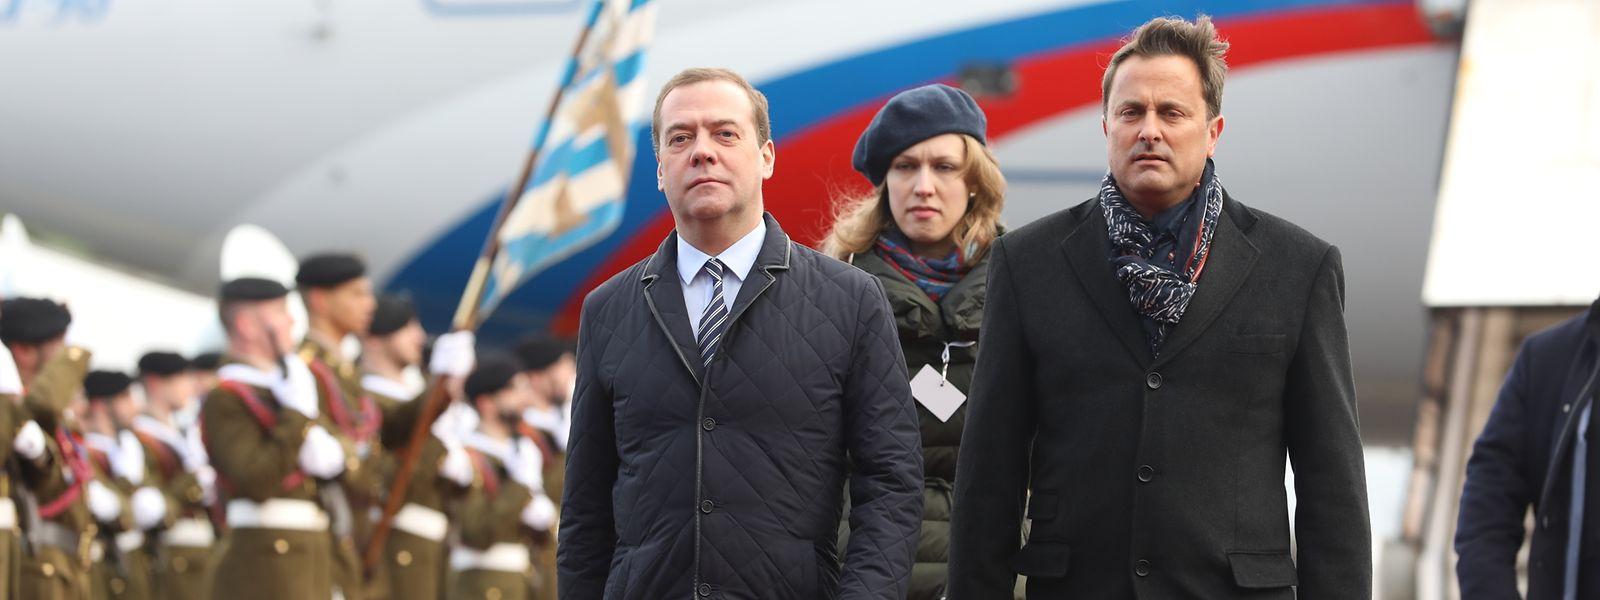 Dmitri Medwedew (l.) bei seiner Ankunft auf dem Findel.